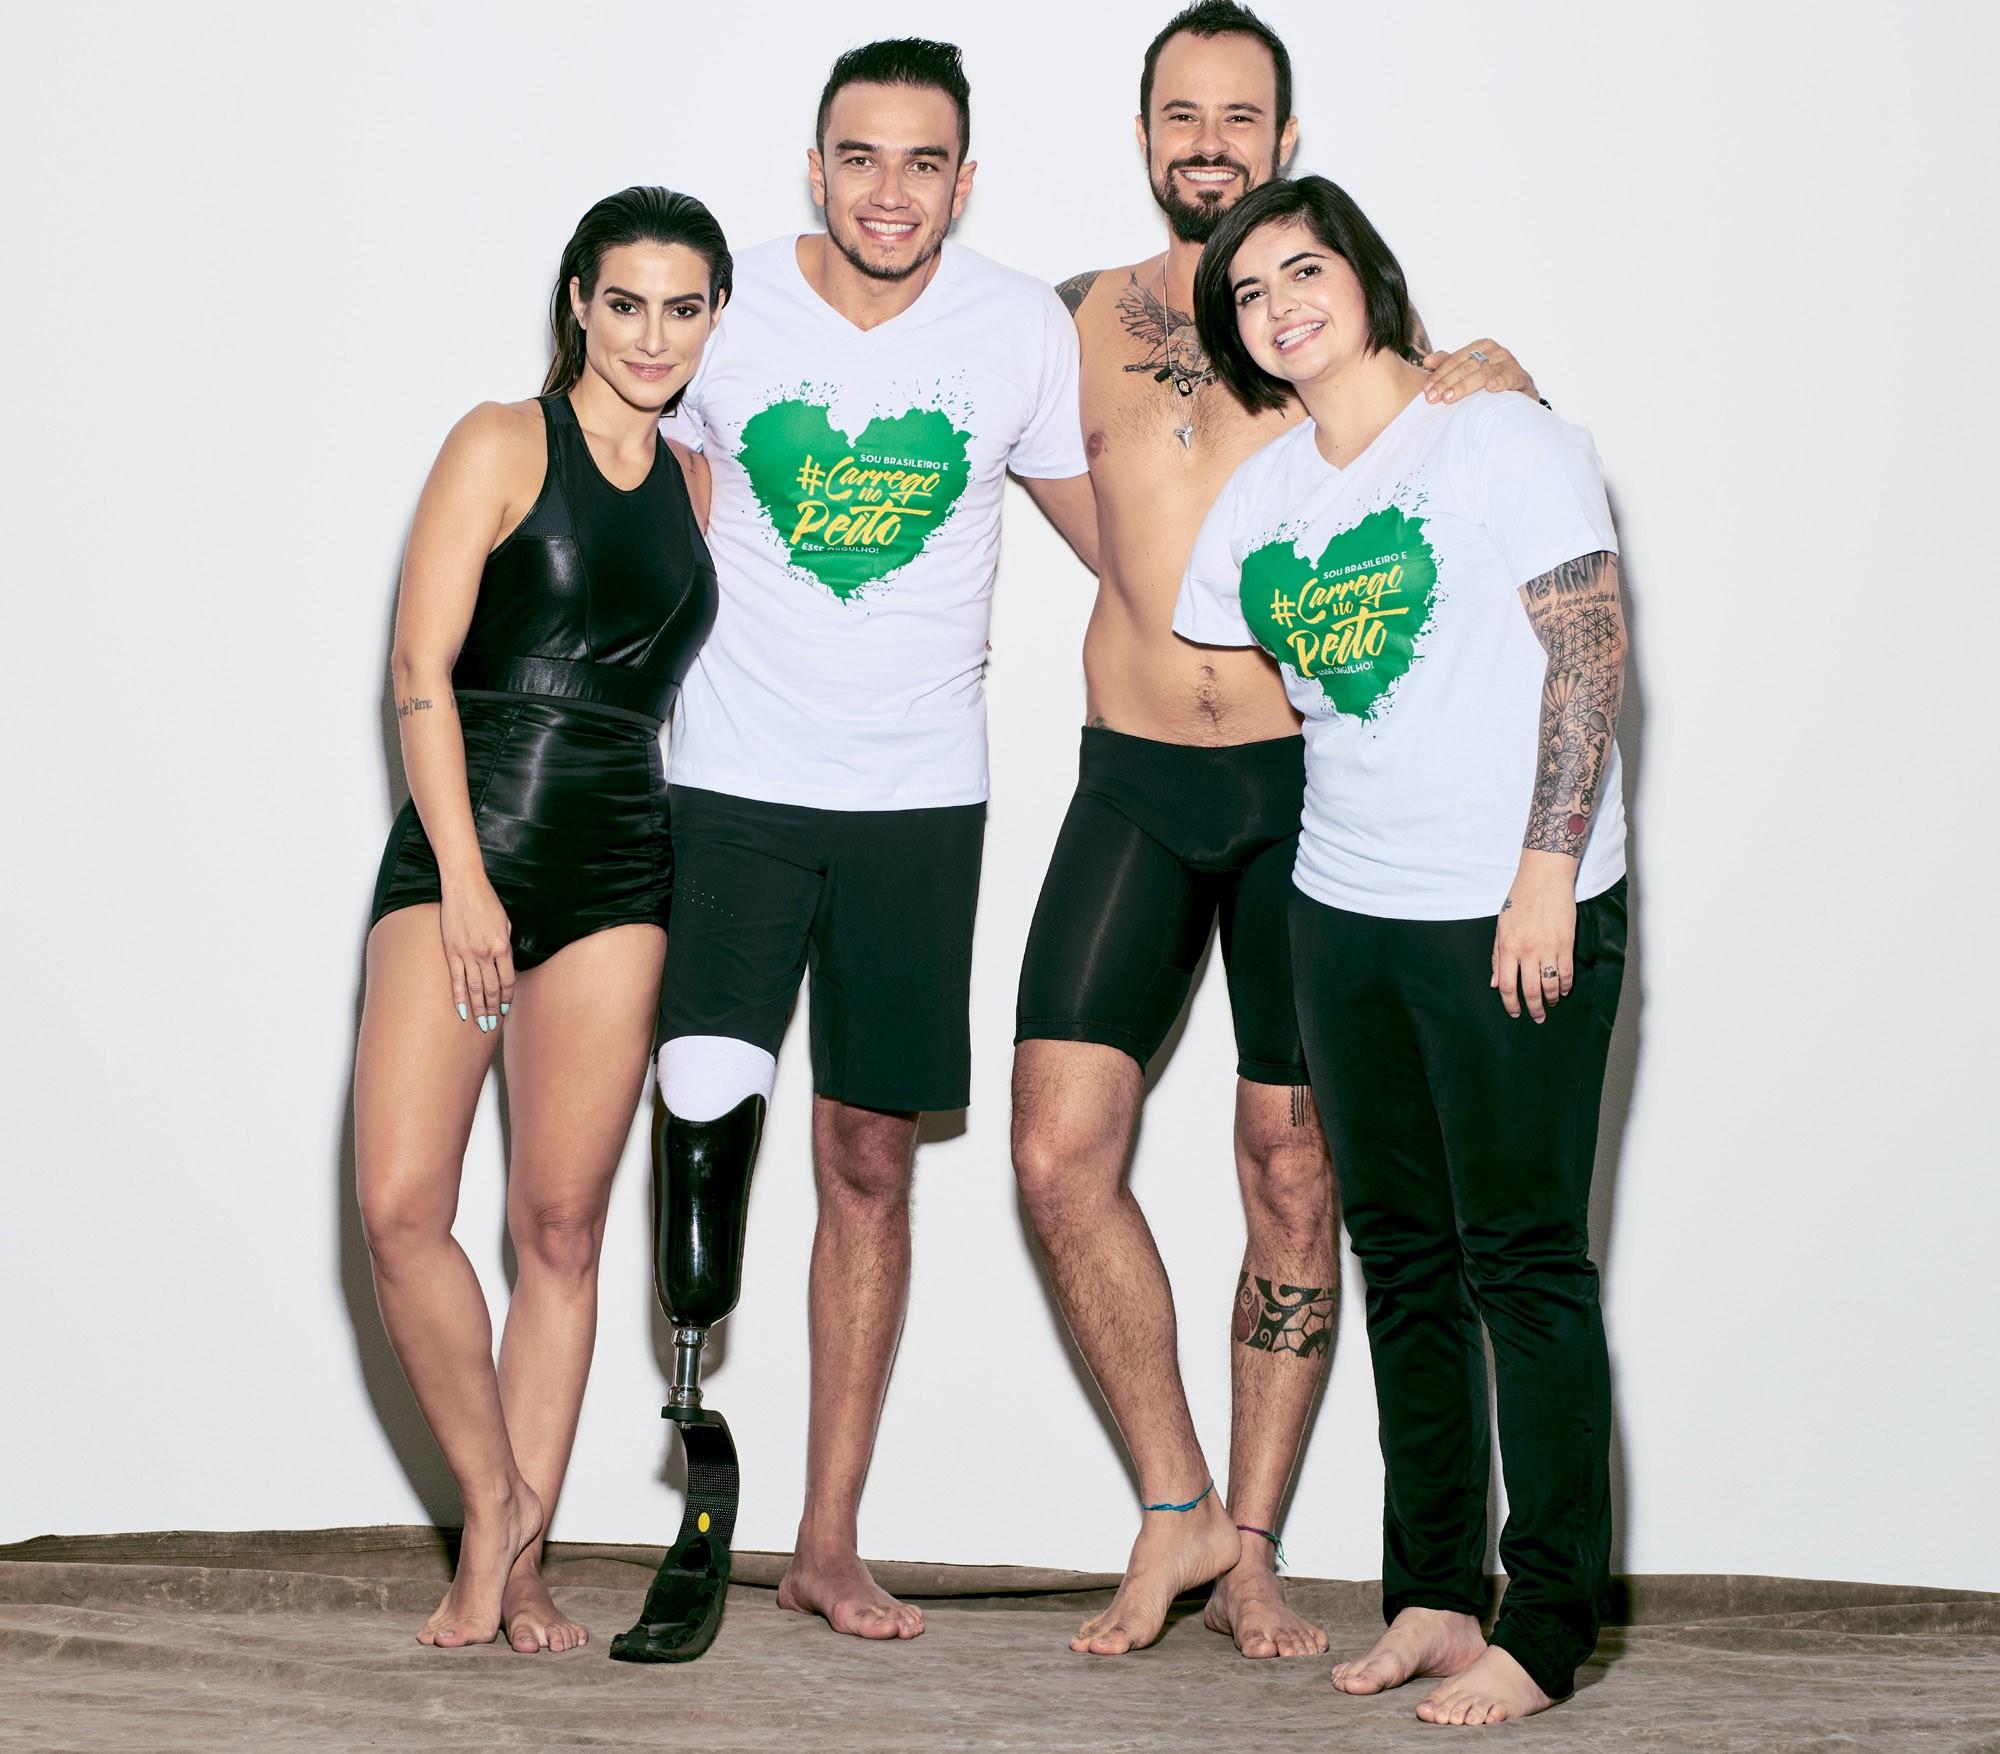 Cleo Pires e Paulo Vilhena com os paratletas nos bastidores da campanha (Foto: Reprodução)